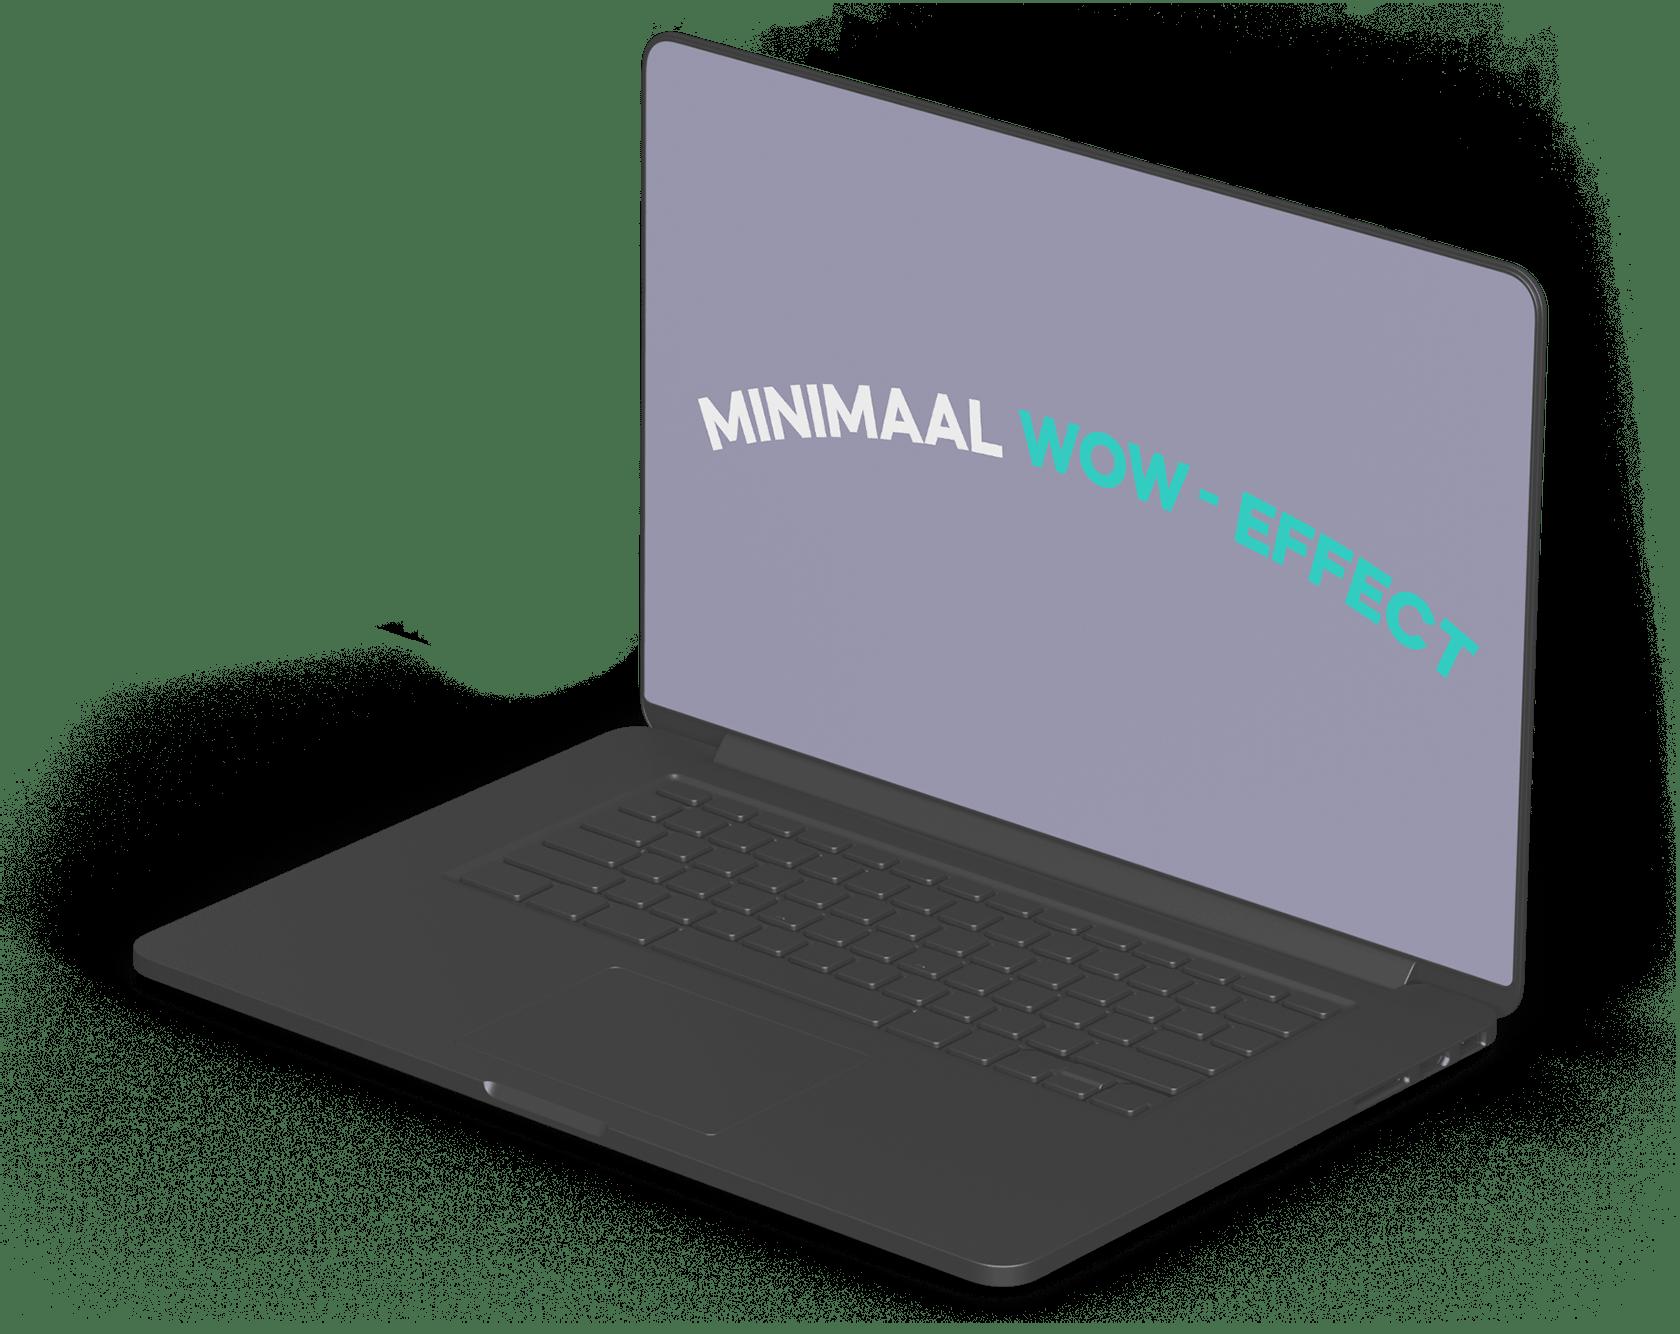 Laptop met minimaal wow-effect